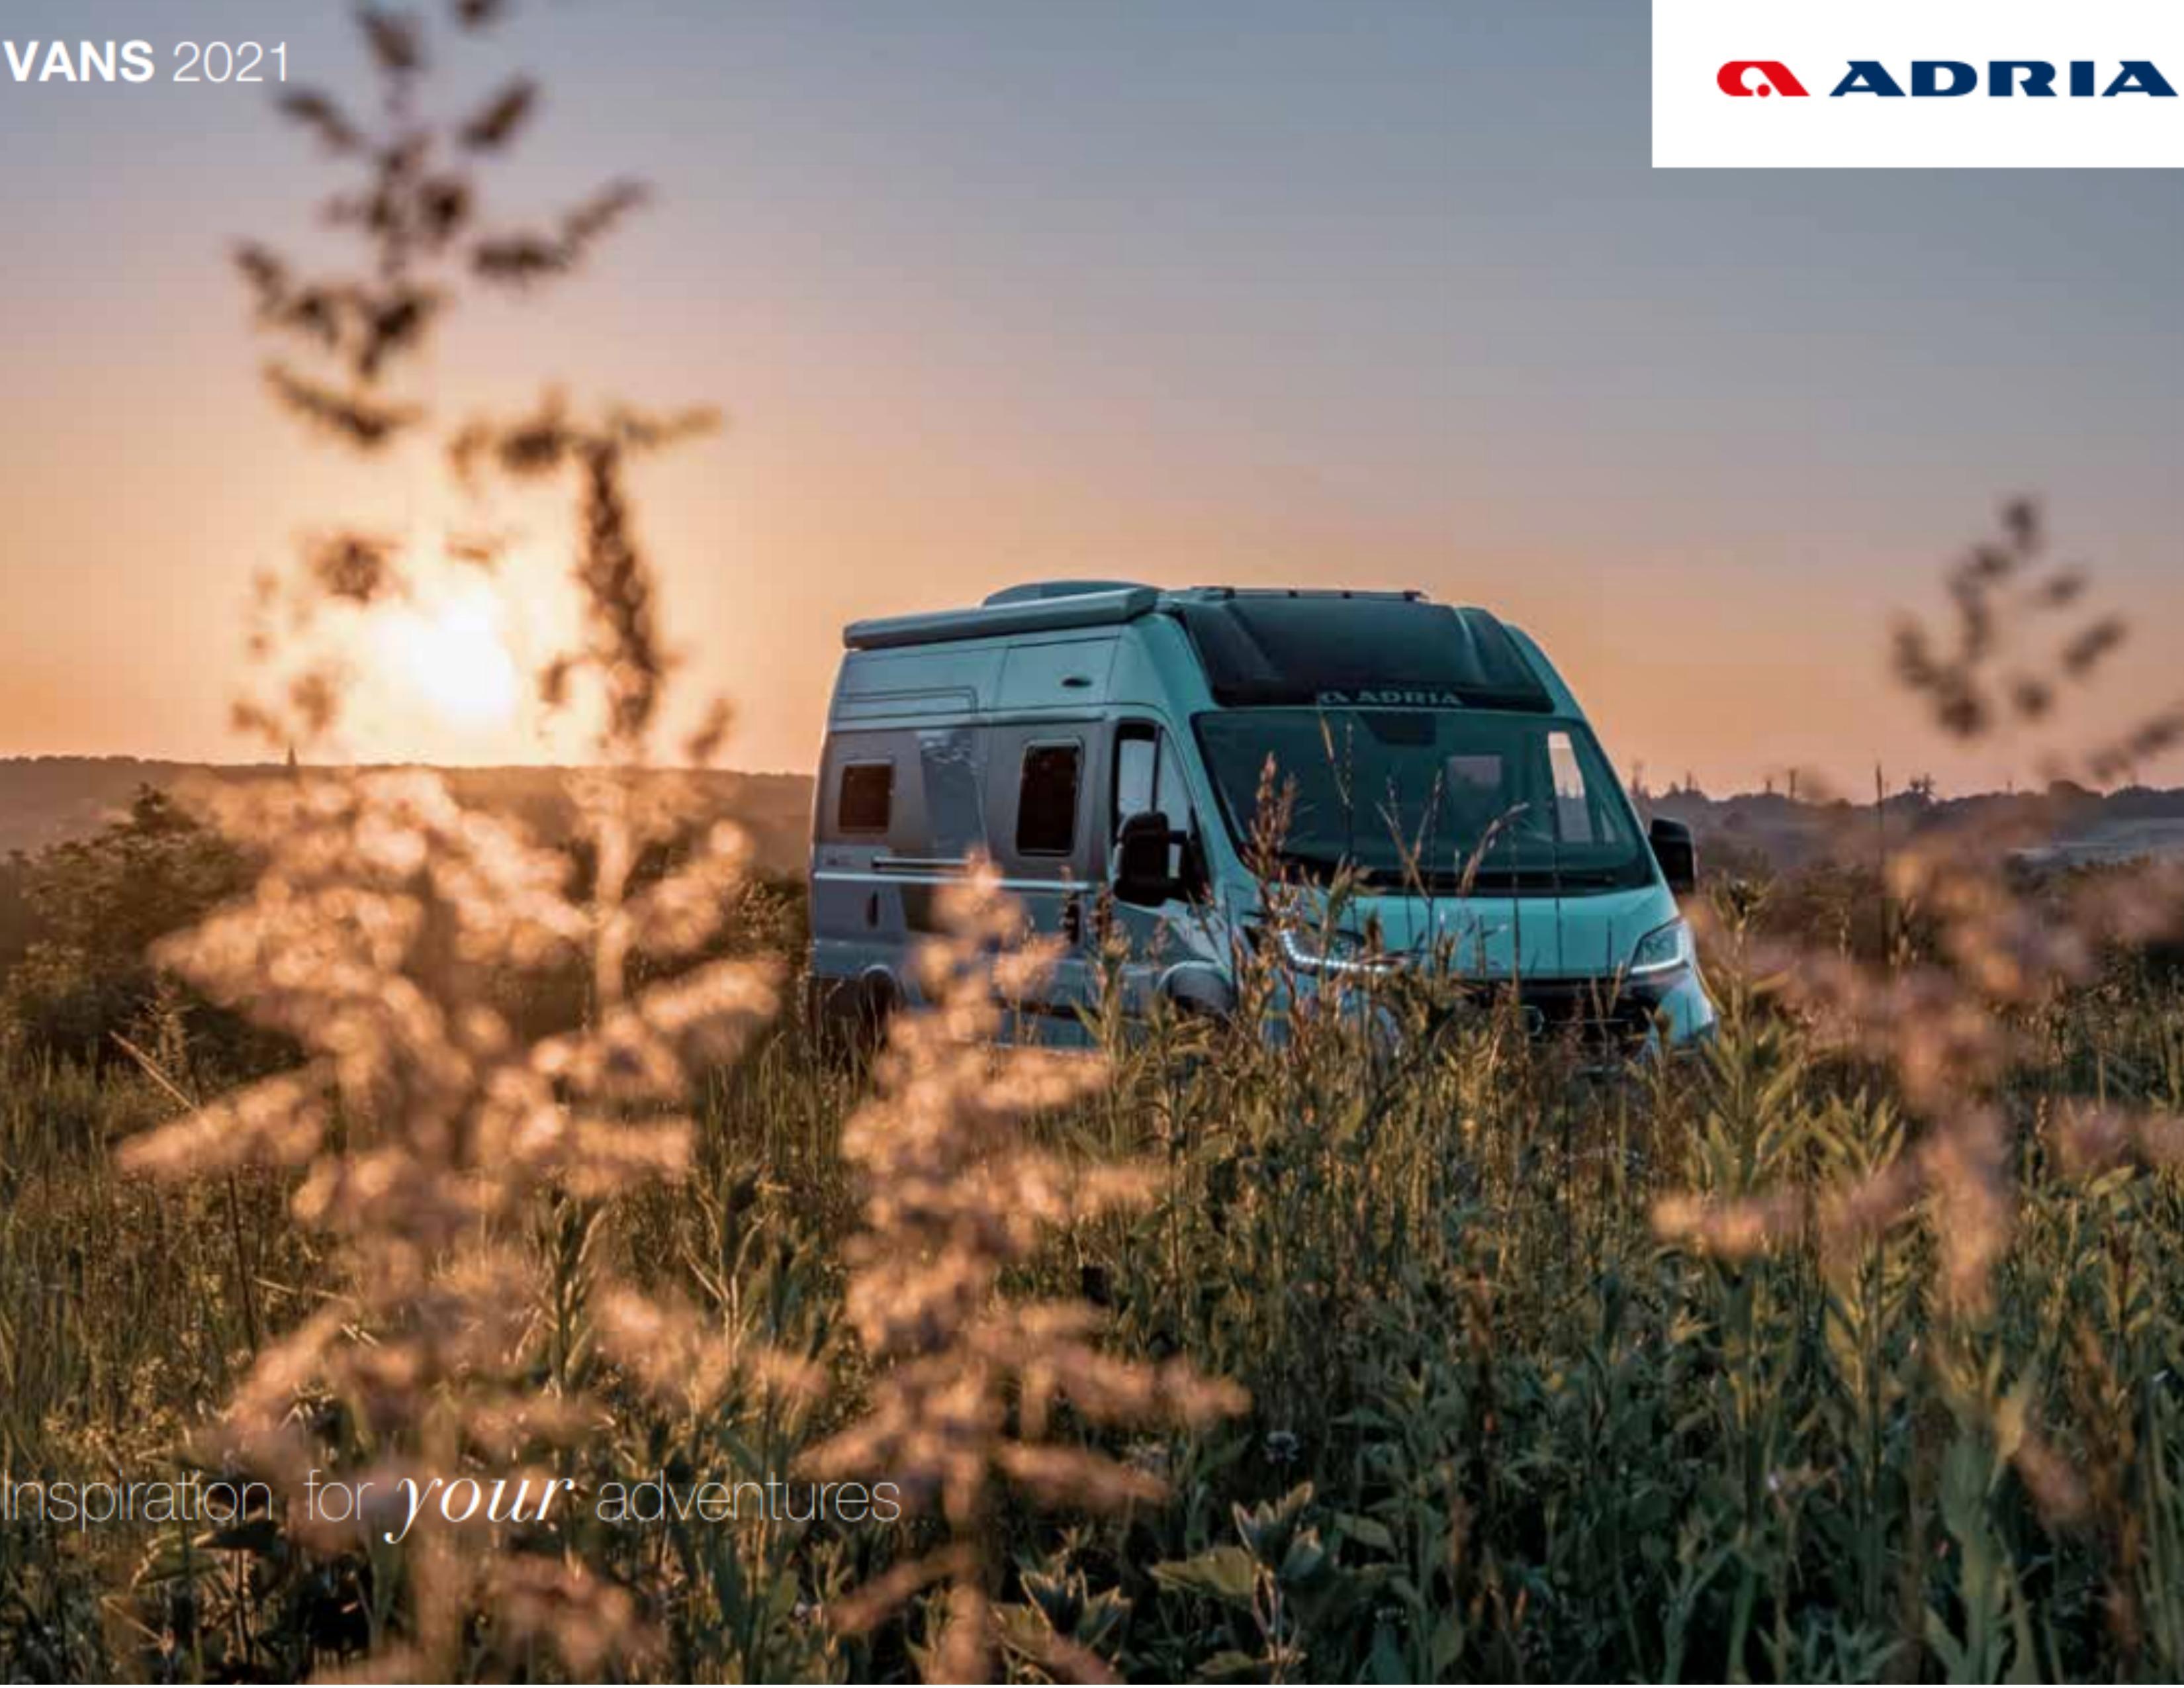 2021 Adria Campervans